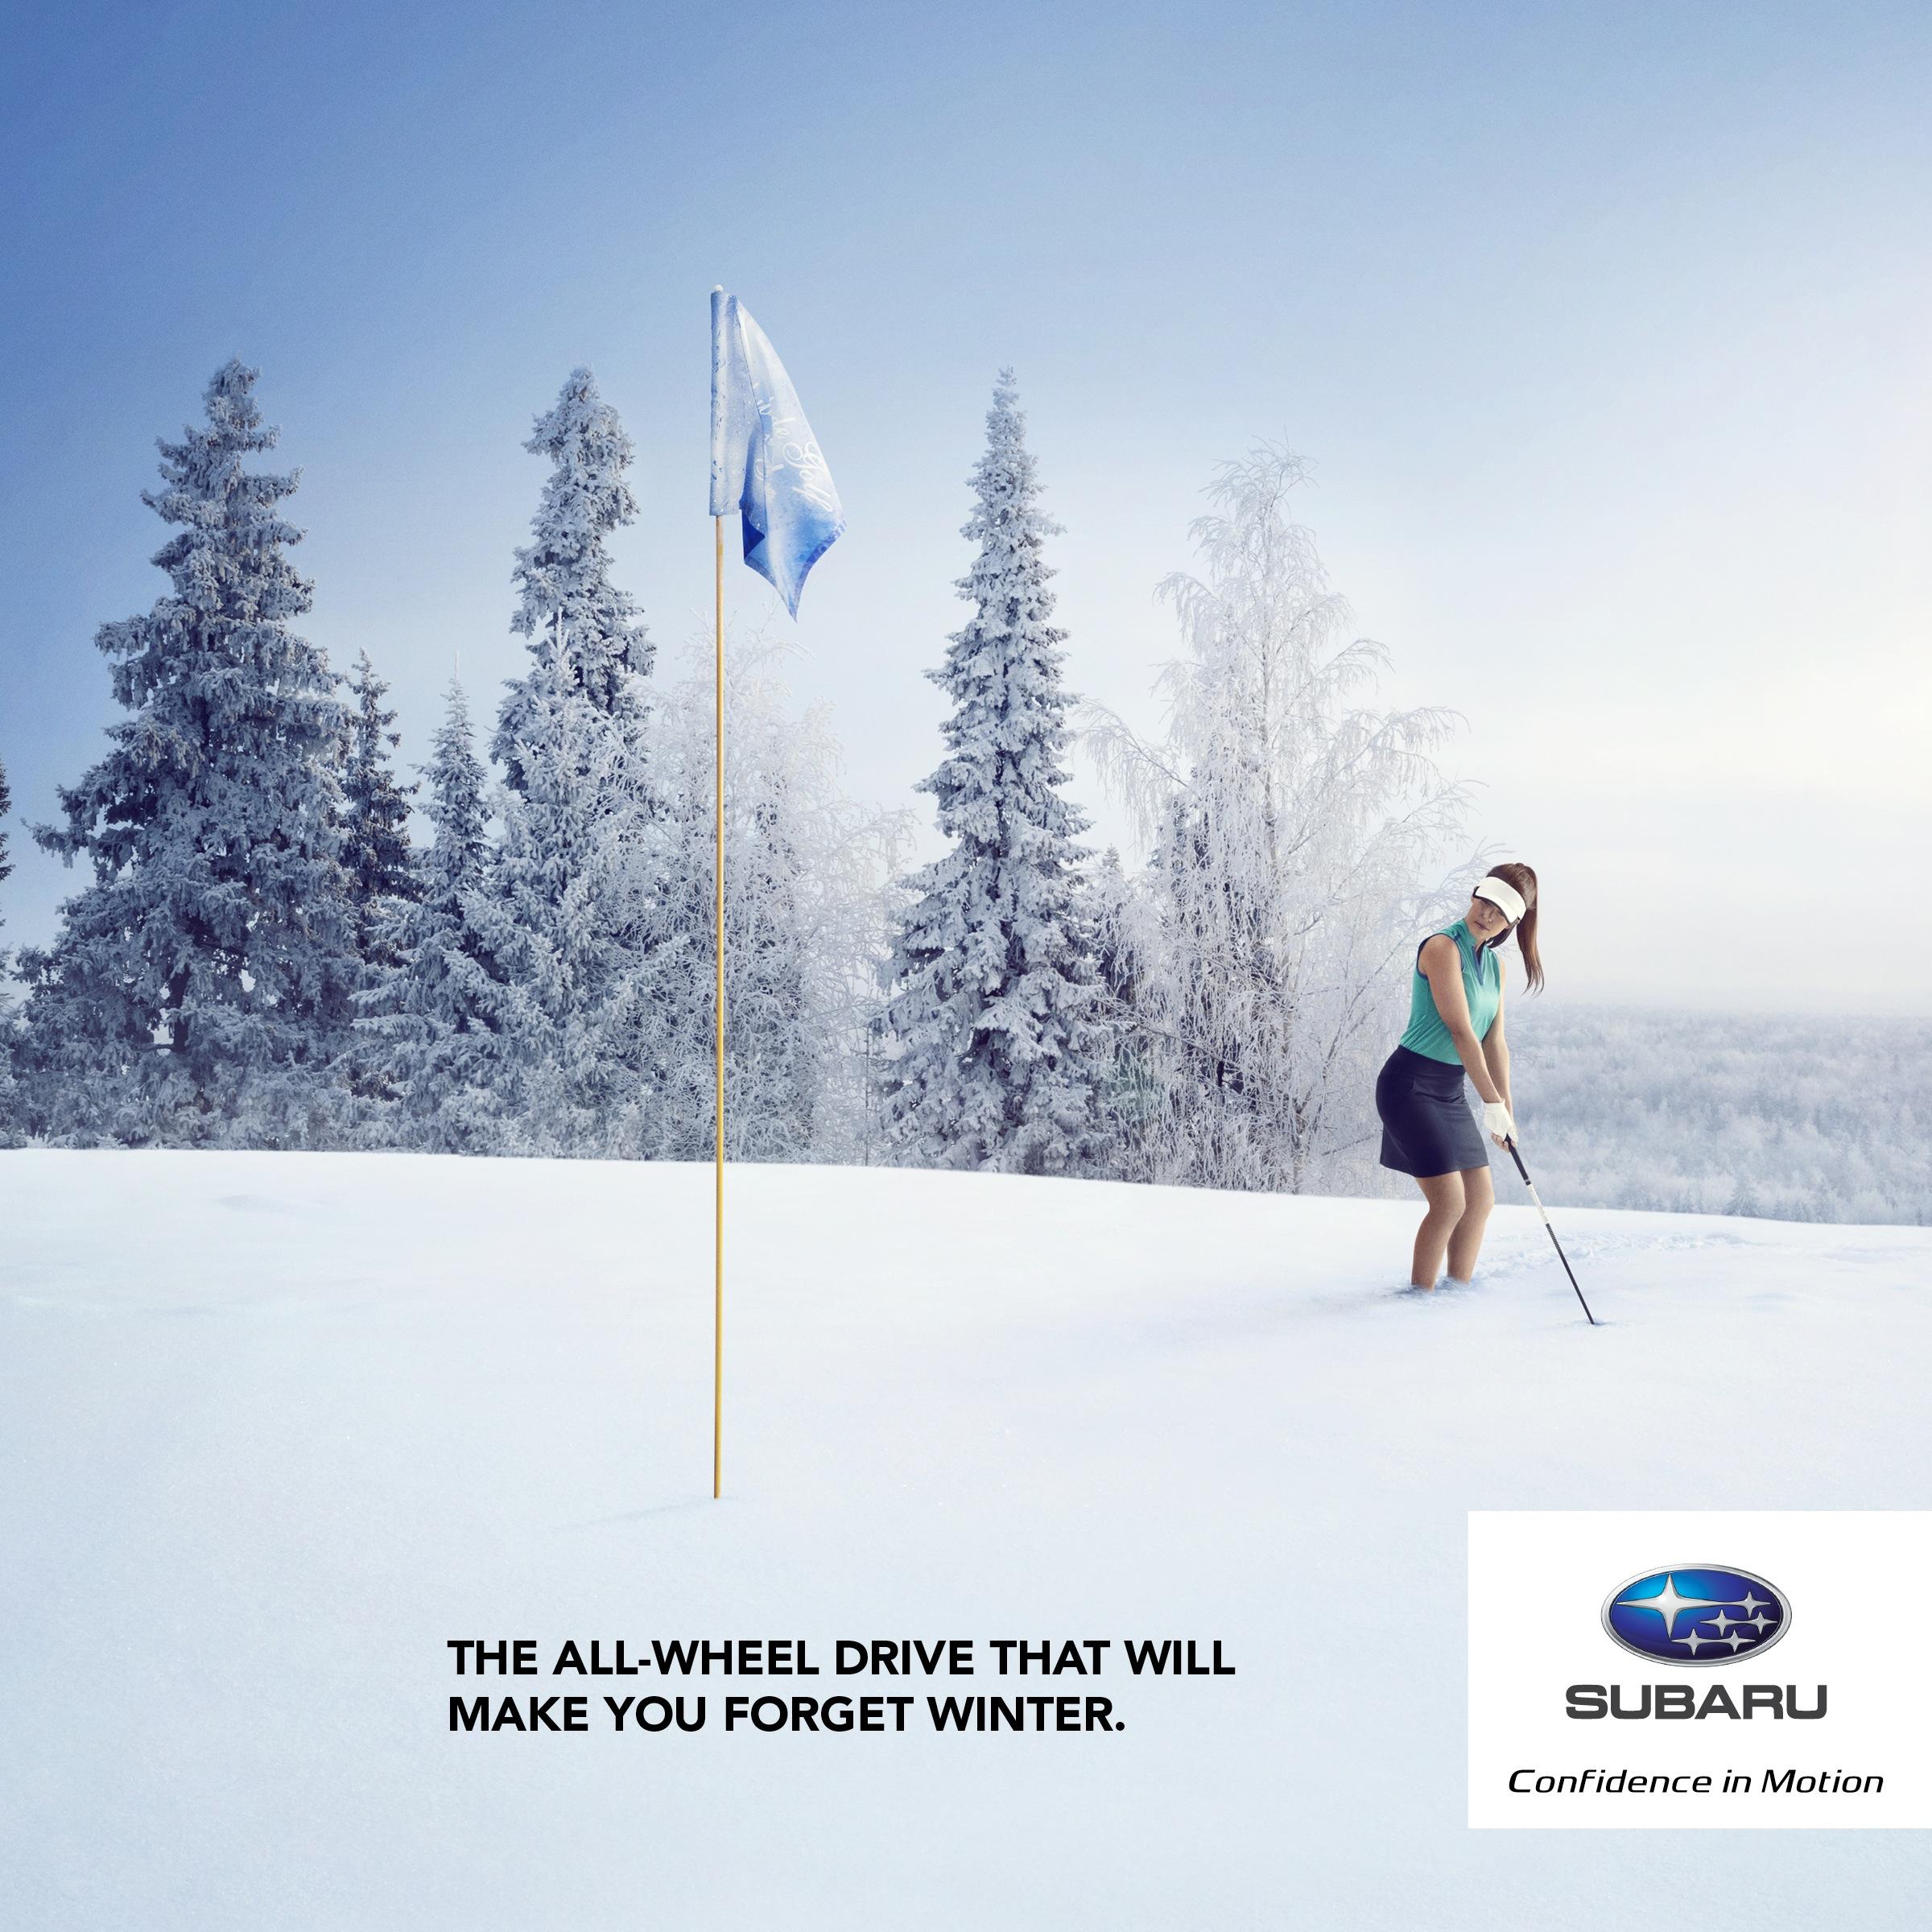 Bon courage aux Parisiens : les 80 publicités les plus créatives sur la Neige #neigeparis 58